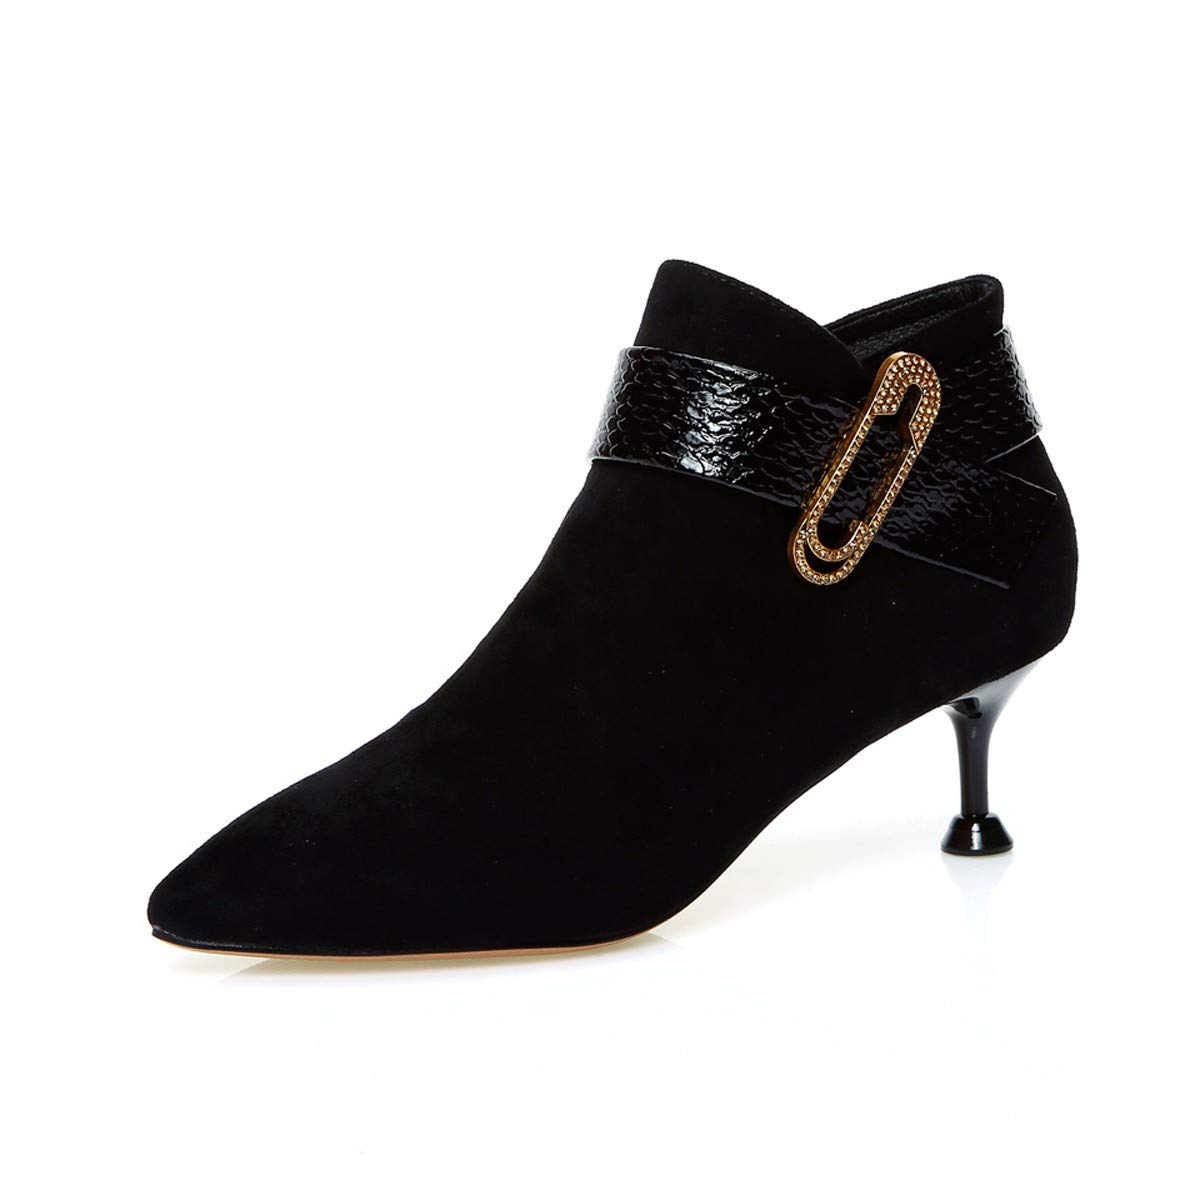 LBTSQ-Gürtelschnallen Wasser Bohrt Mode-Jacken Schuhe Mit Mit Mit Hohen Absätzen 6CmSpitze Dünn Schuhe Stiefel Und Nackte Knöchel Braut-Schuhe 047620